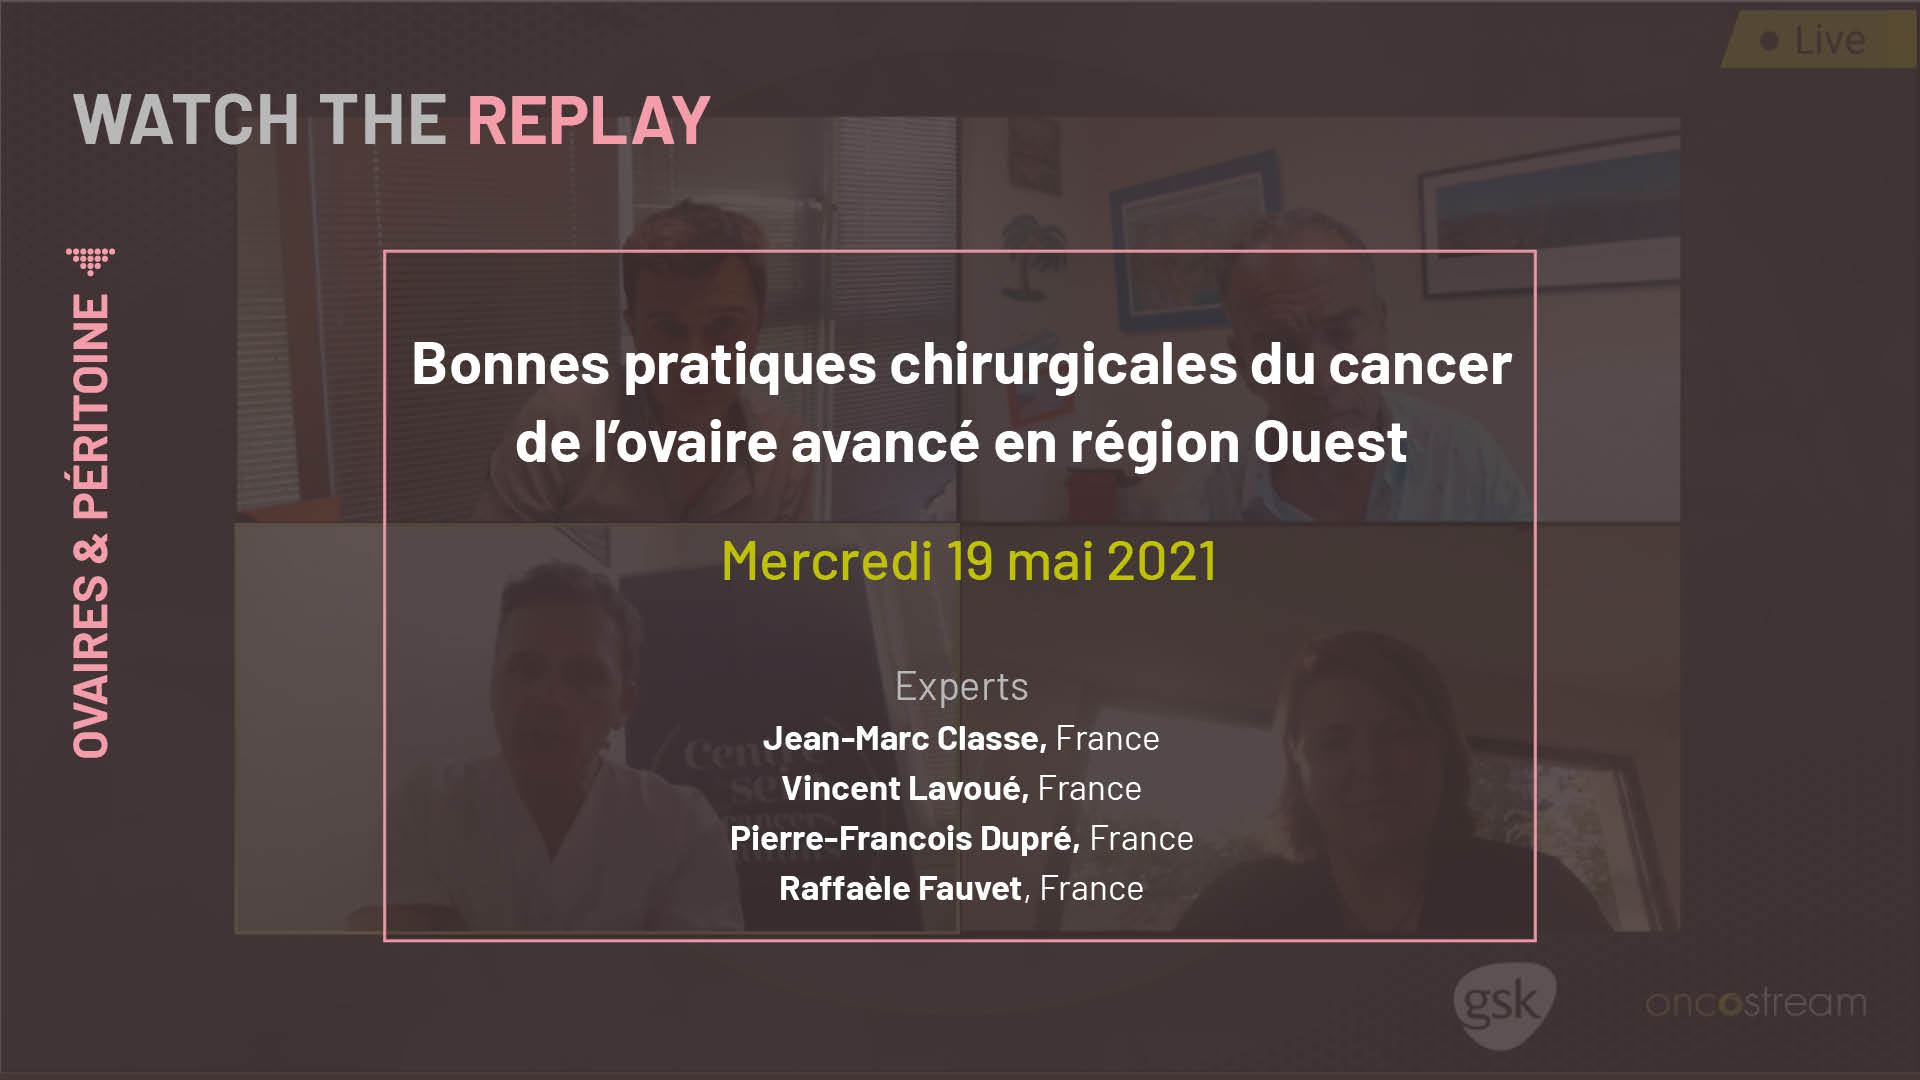 Bonnes pratiques chirurgicales du cancer de l'ovaire avancé en région Ouest